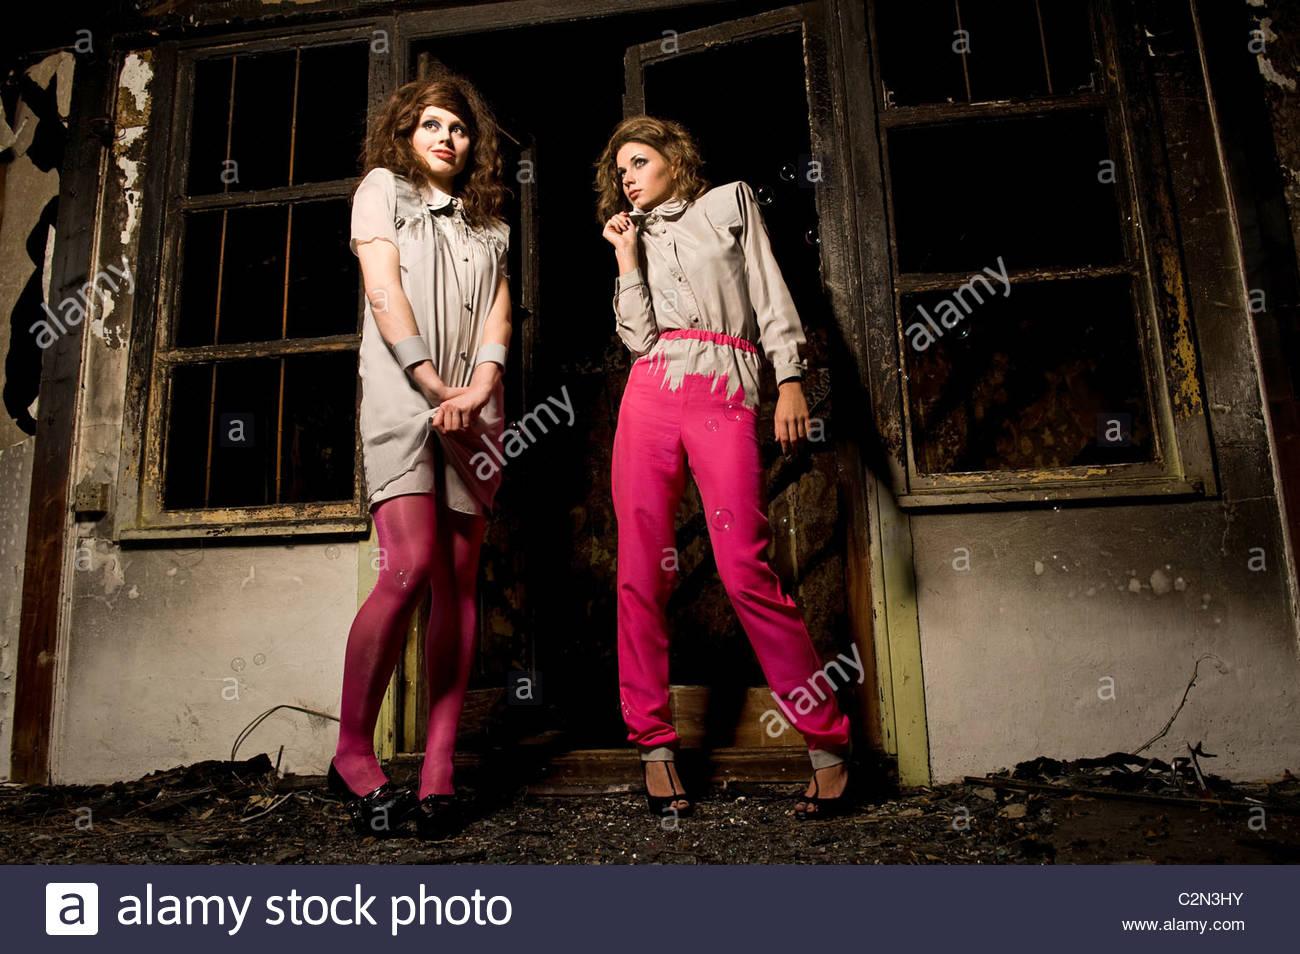 Modelos de moda caucásica en edificio quemado Imagen De Stock